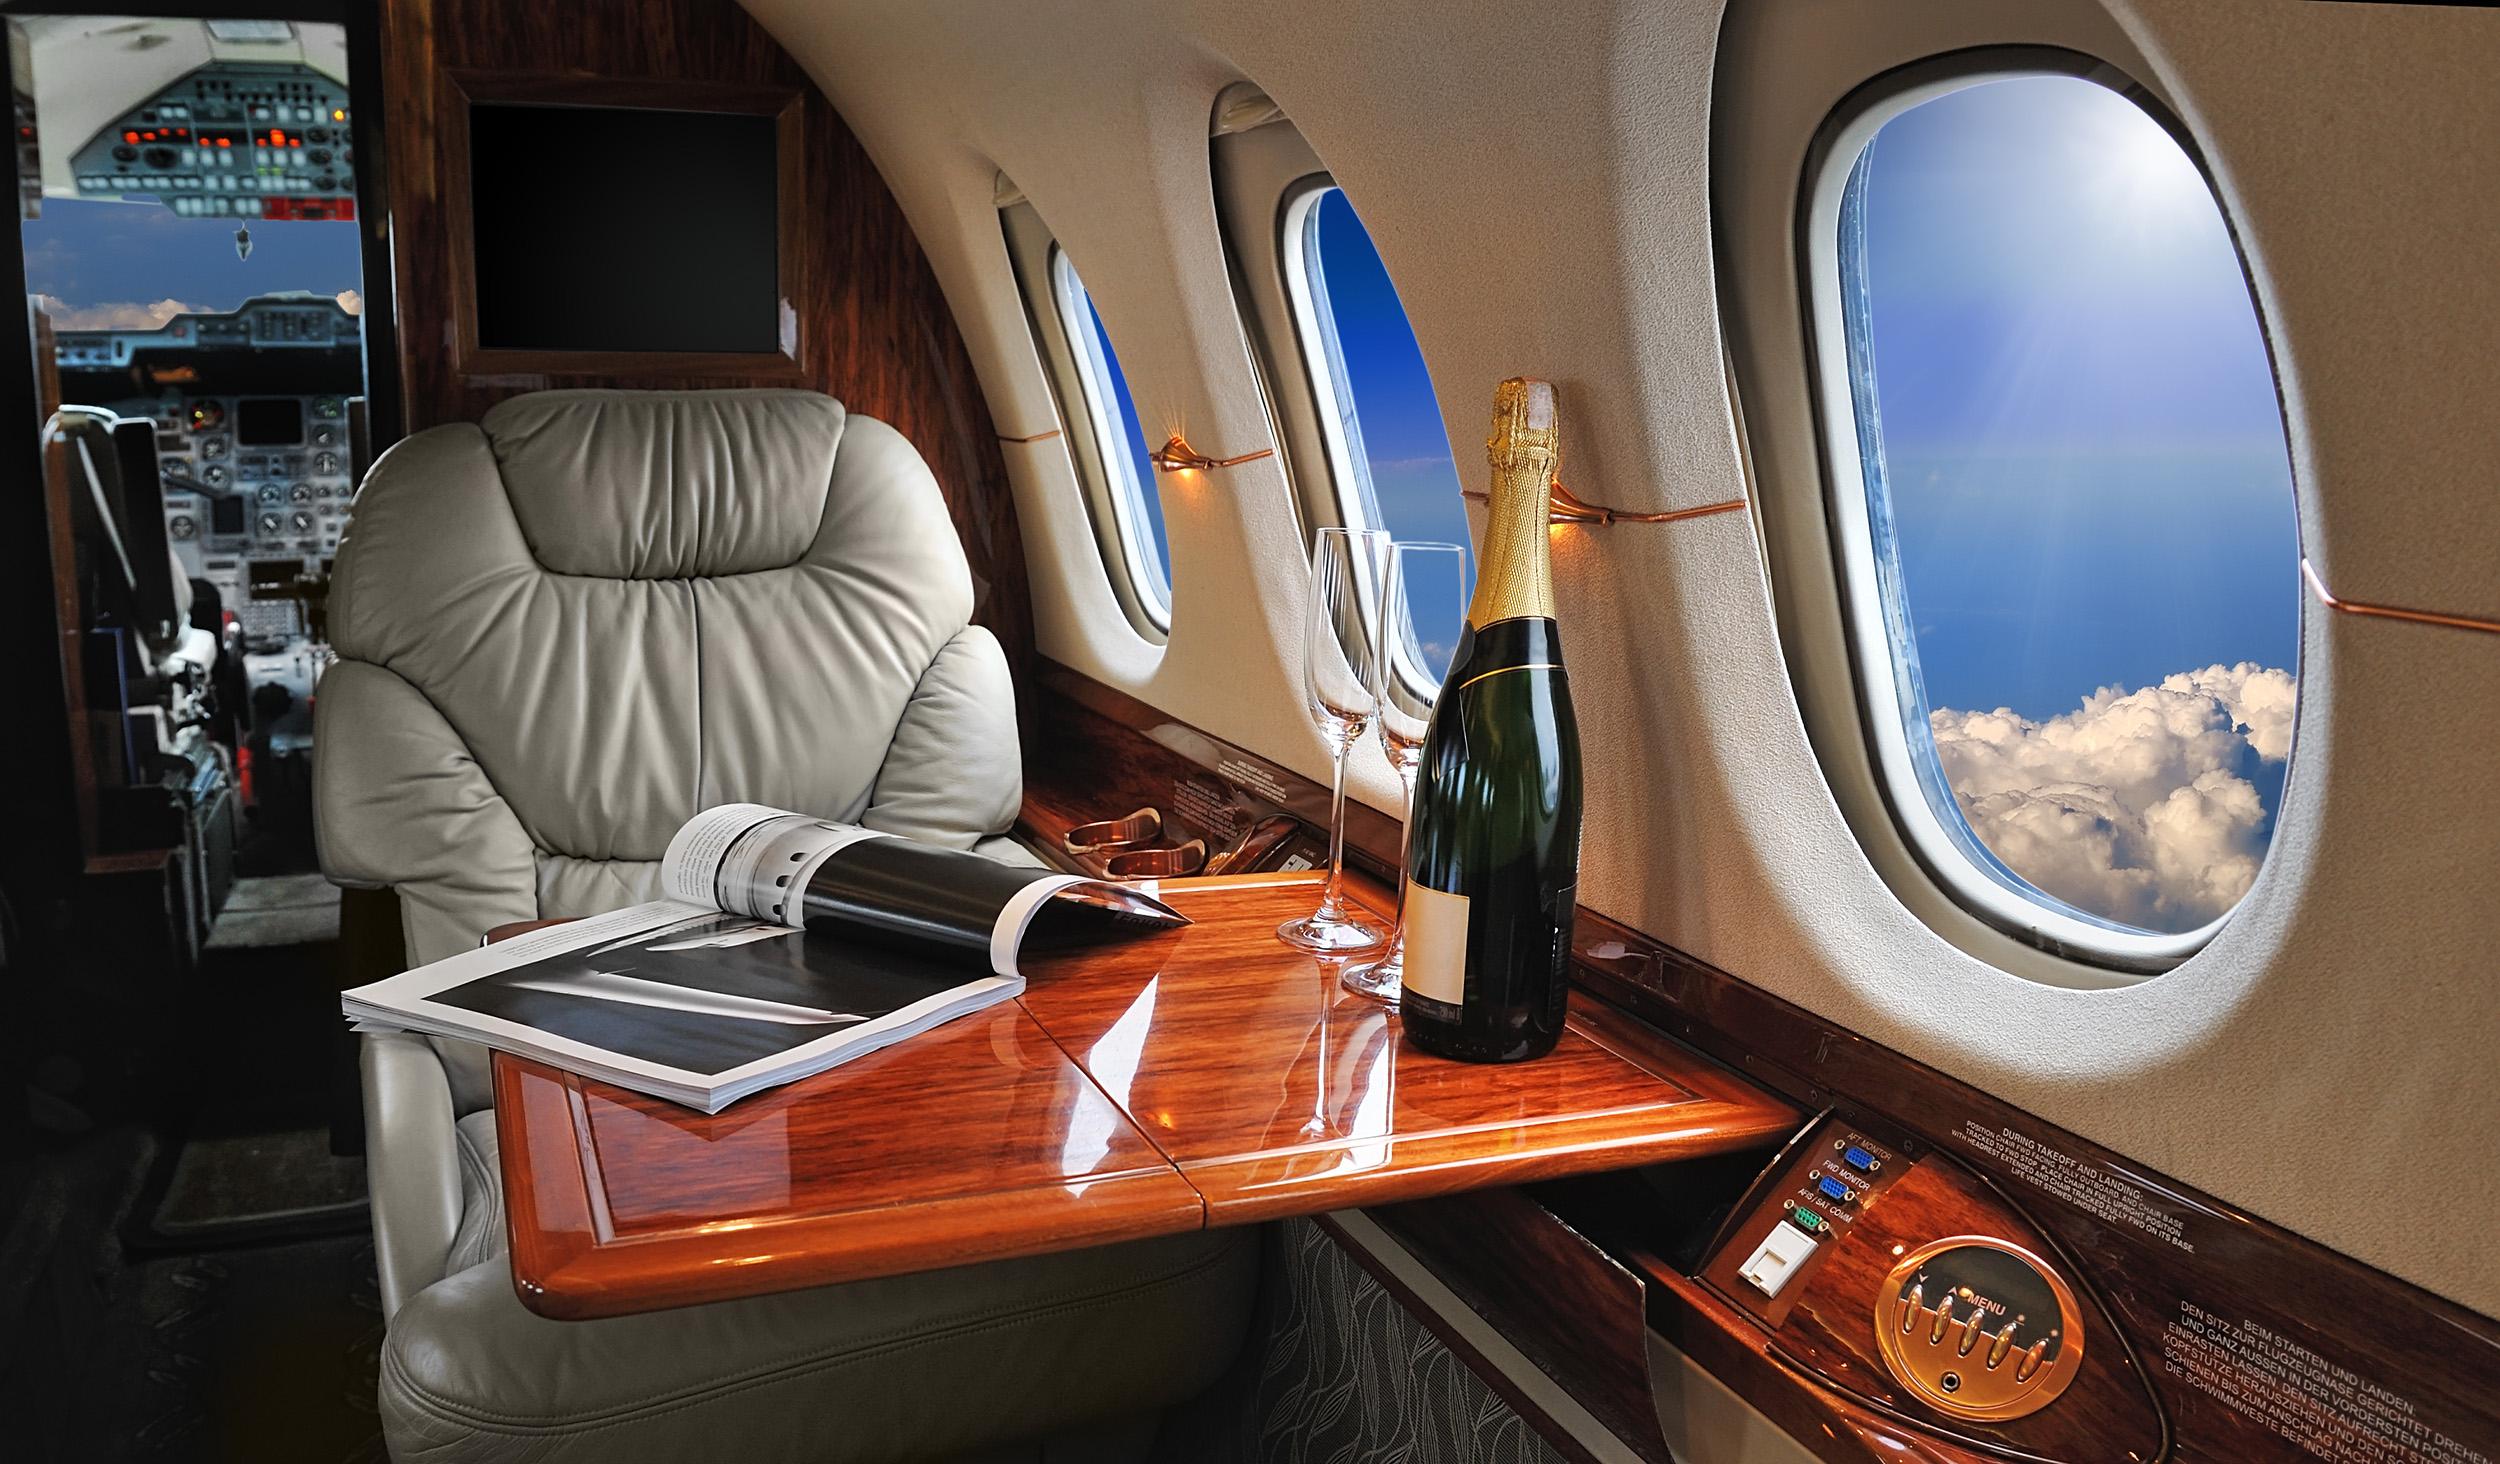 business-class-flight-main.jpg